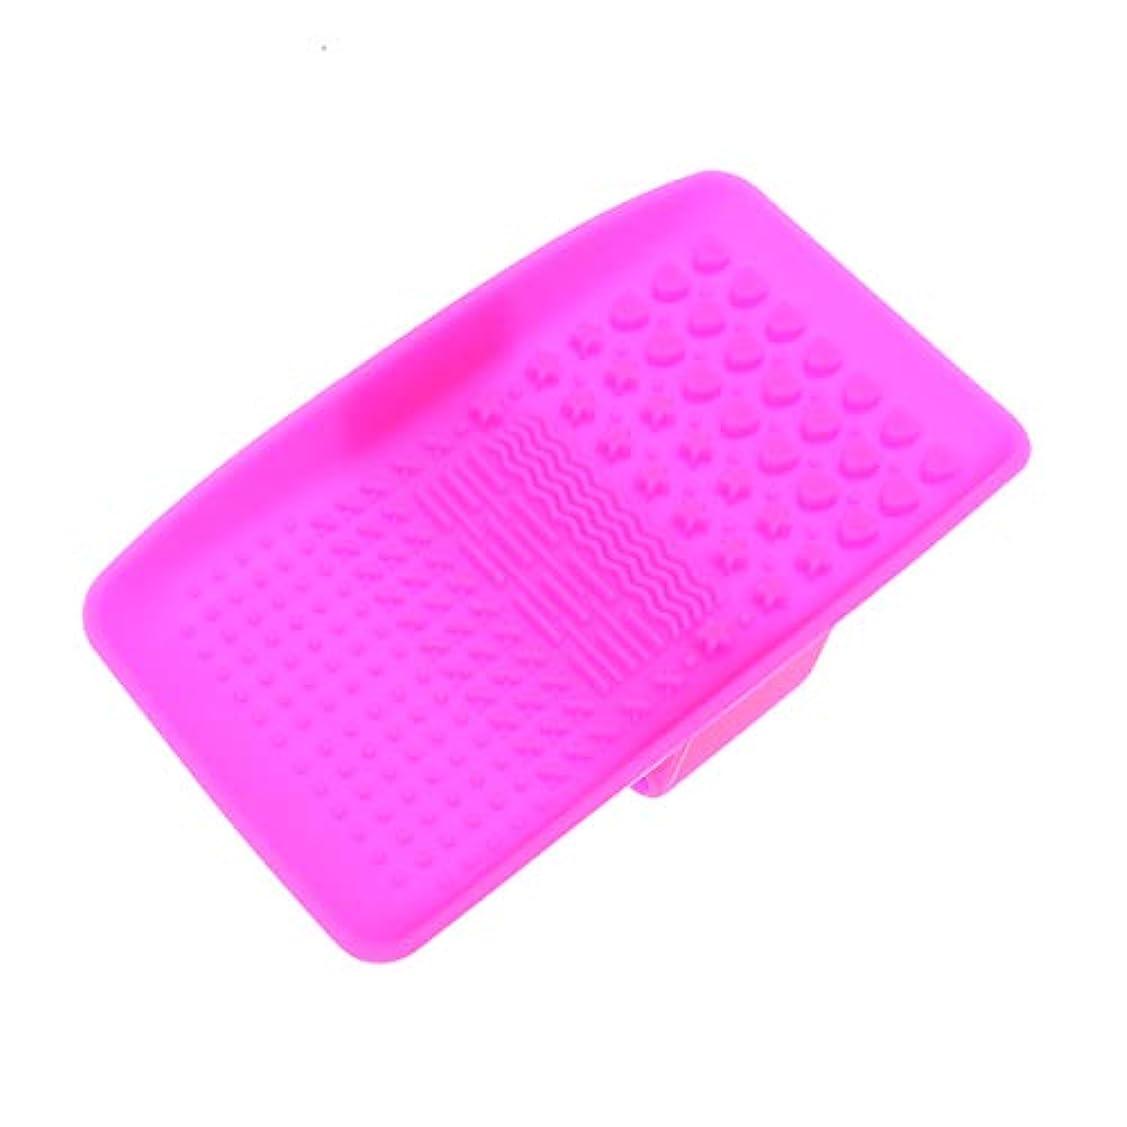 動機付ける感情の現金Beaupretty 吸引ブラシが付いているシリコーンのブラシのクリーニングのマットの携帯用化粧品のブラシの洗剤